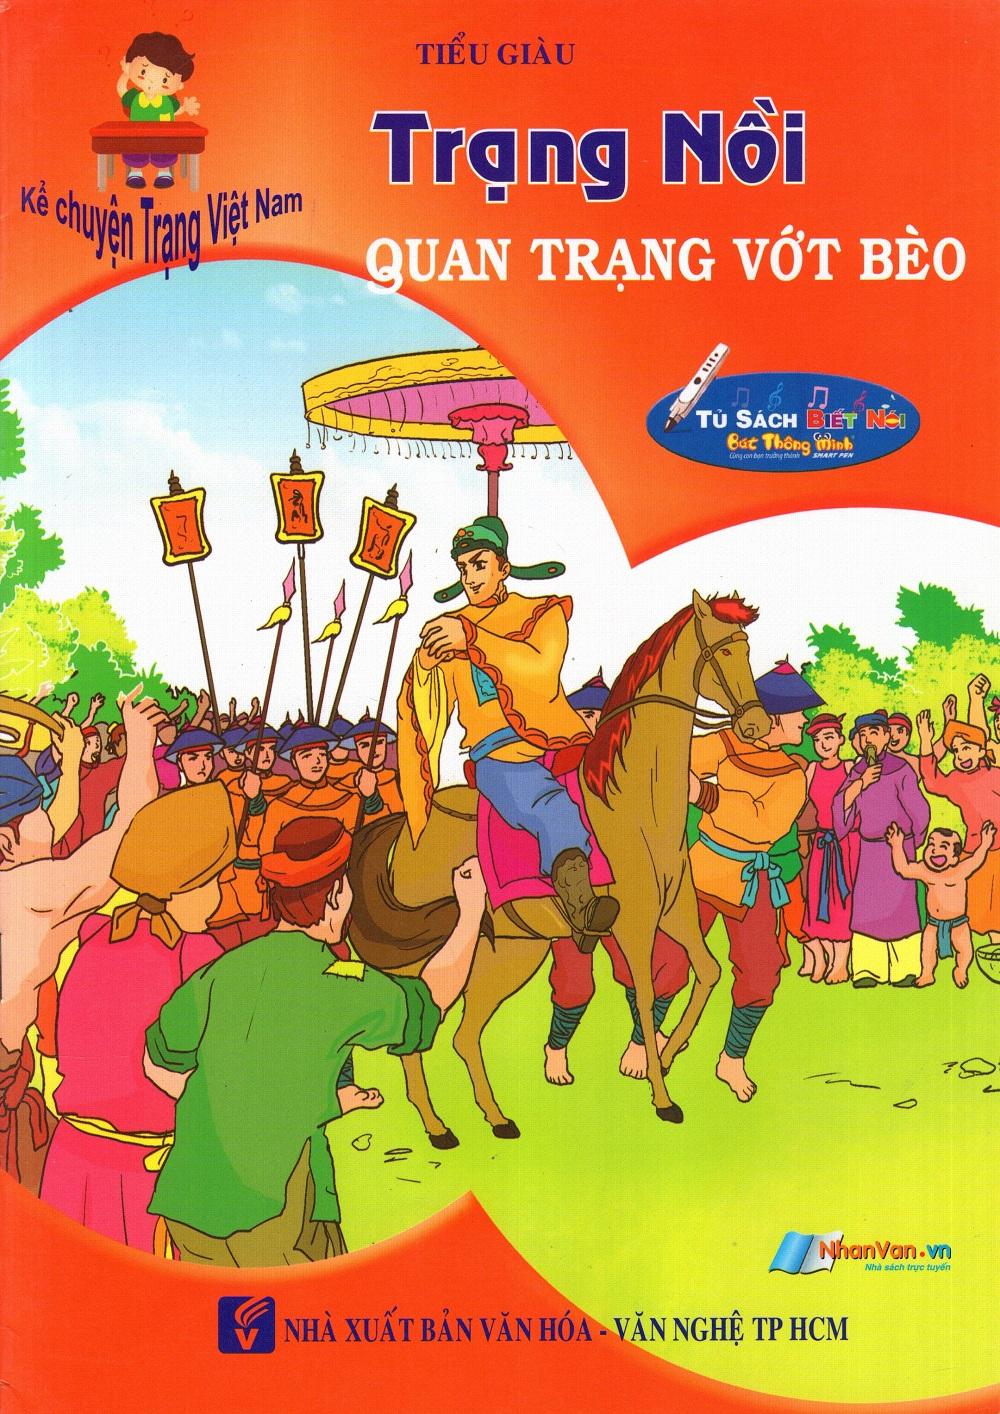 Bìa sách Kể Chuyện Trạng Việt Nam: Trạng Nồi - Quan Trạng Vớt Bèo